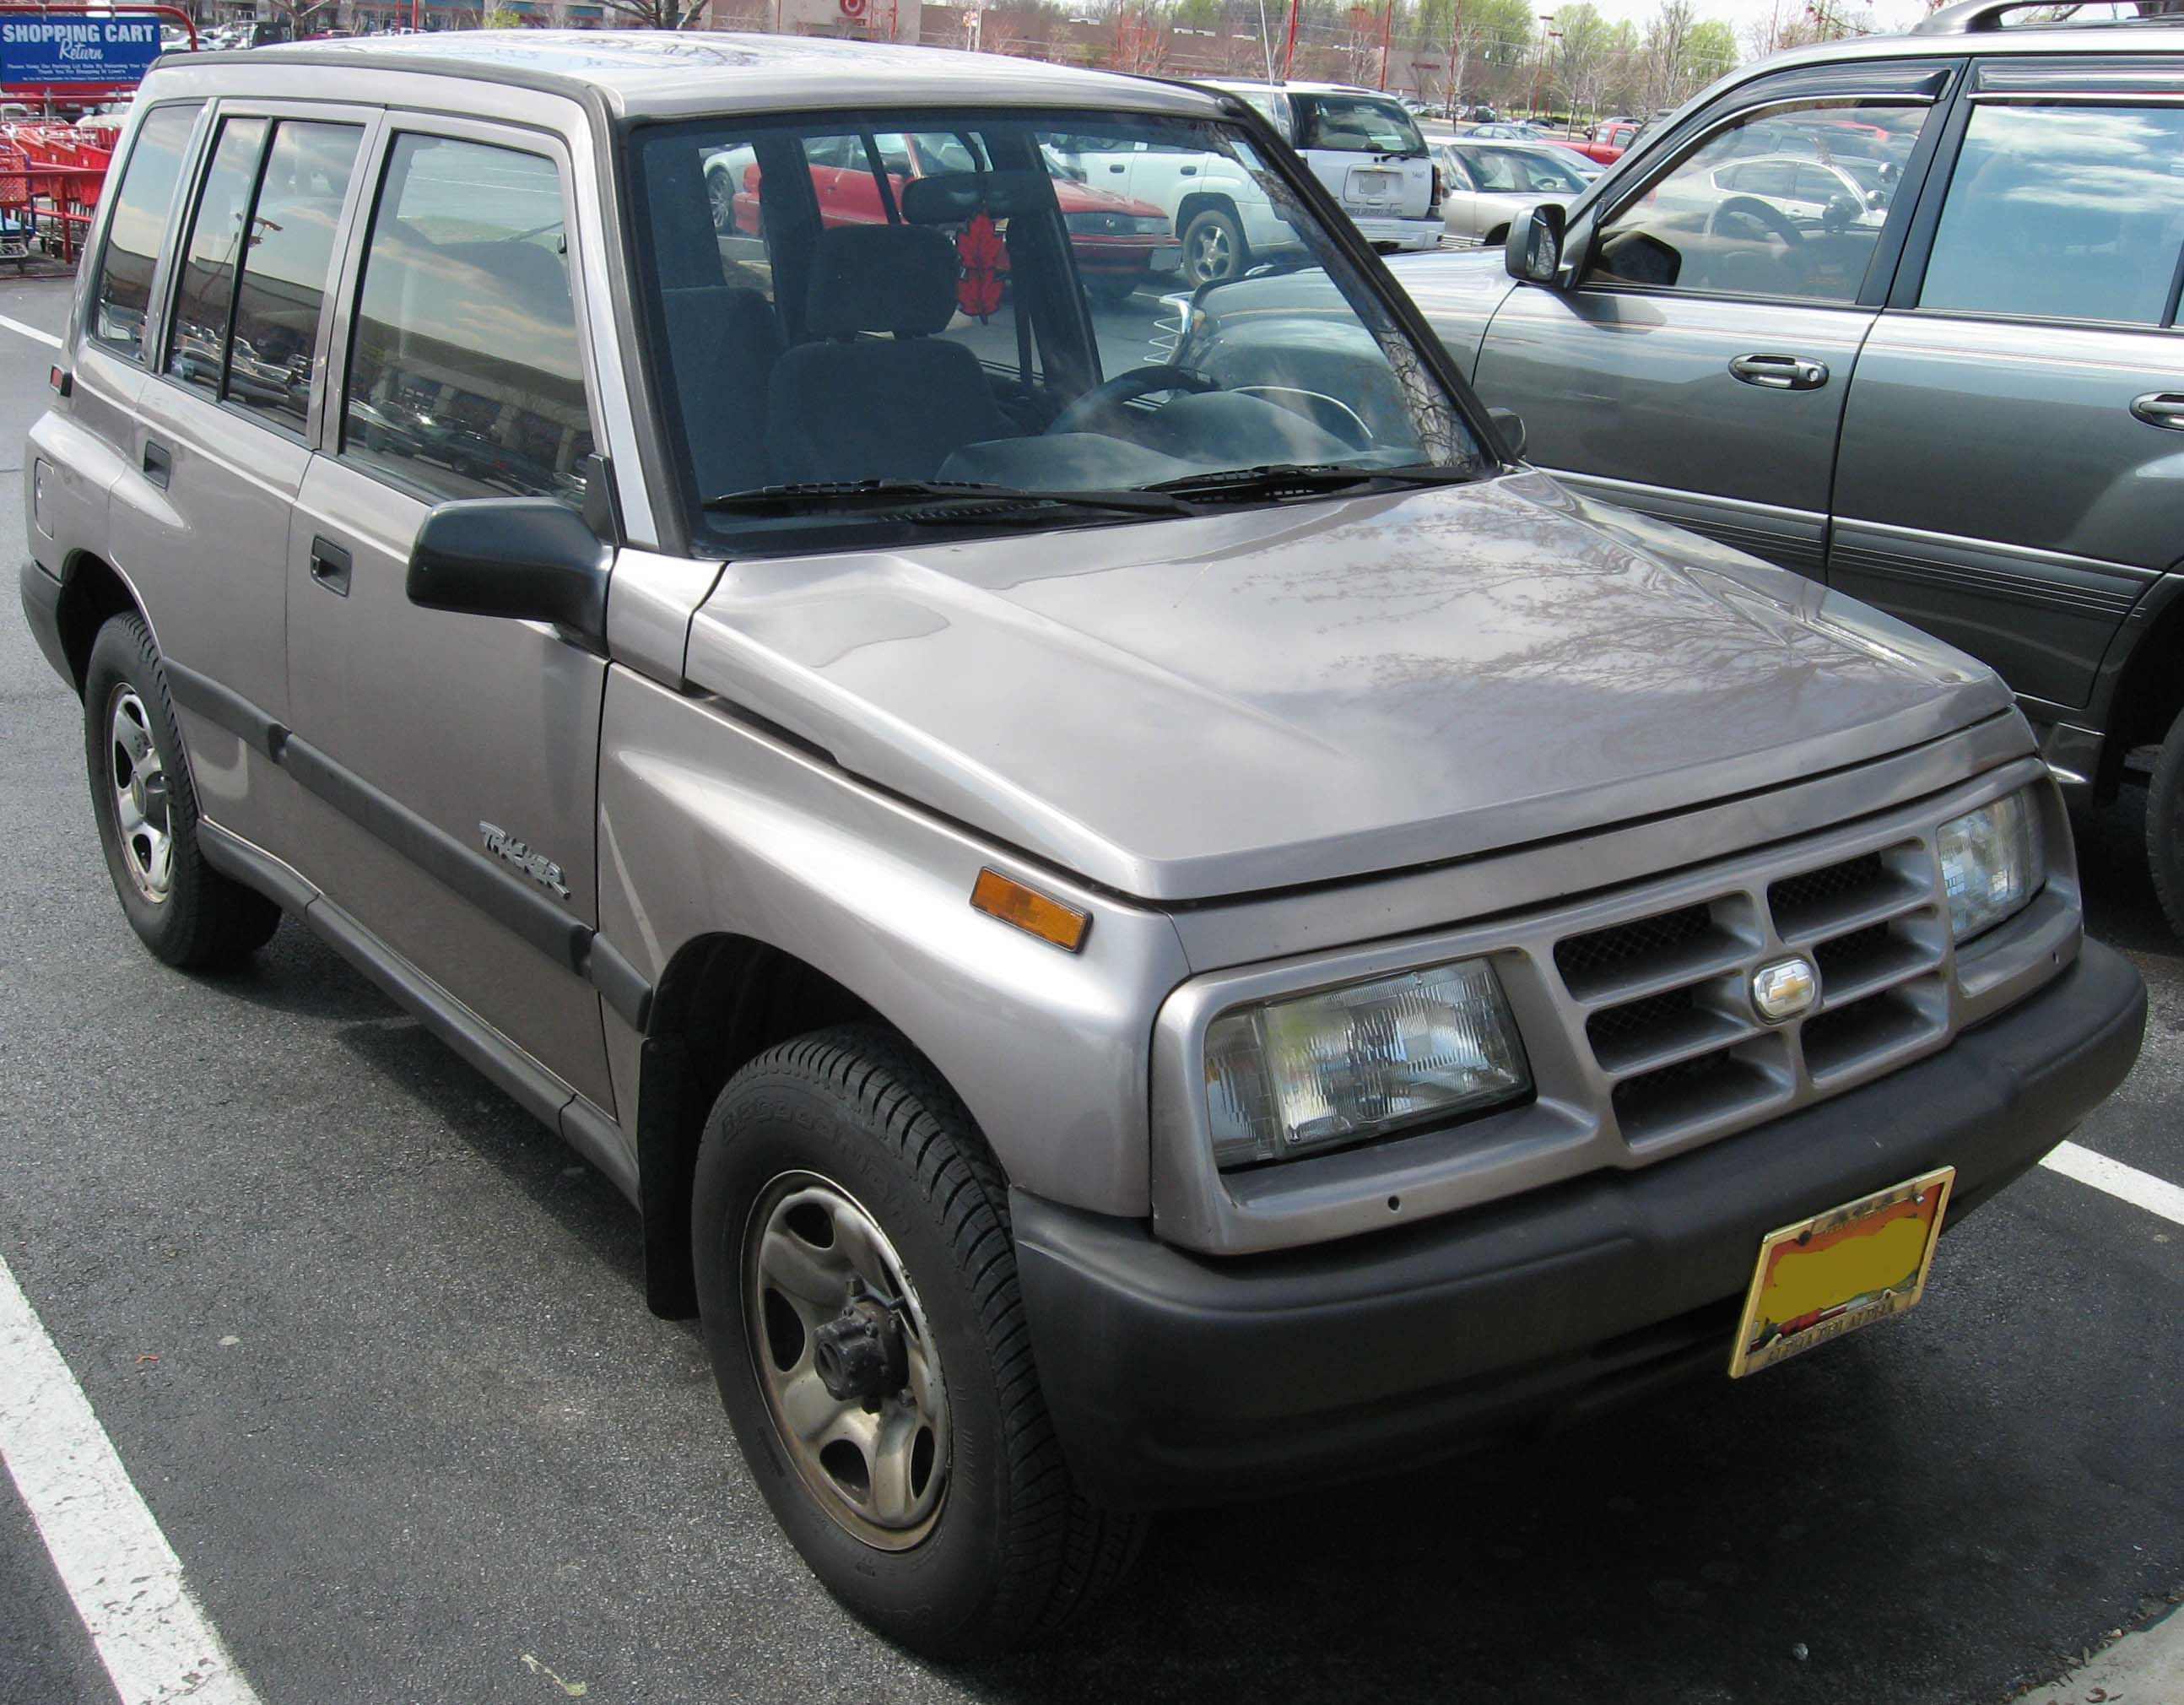 Chevrolet Tracker I 1989 - 1998 SUV 5 door #3